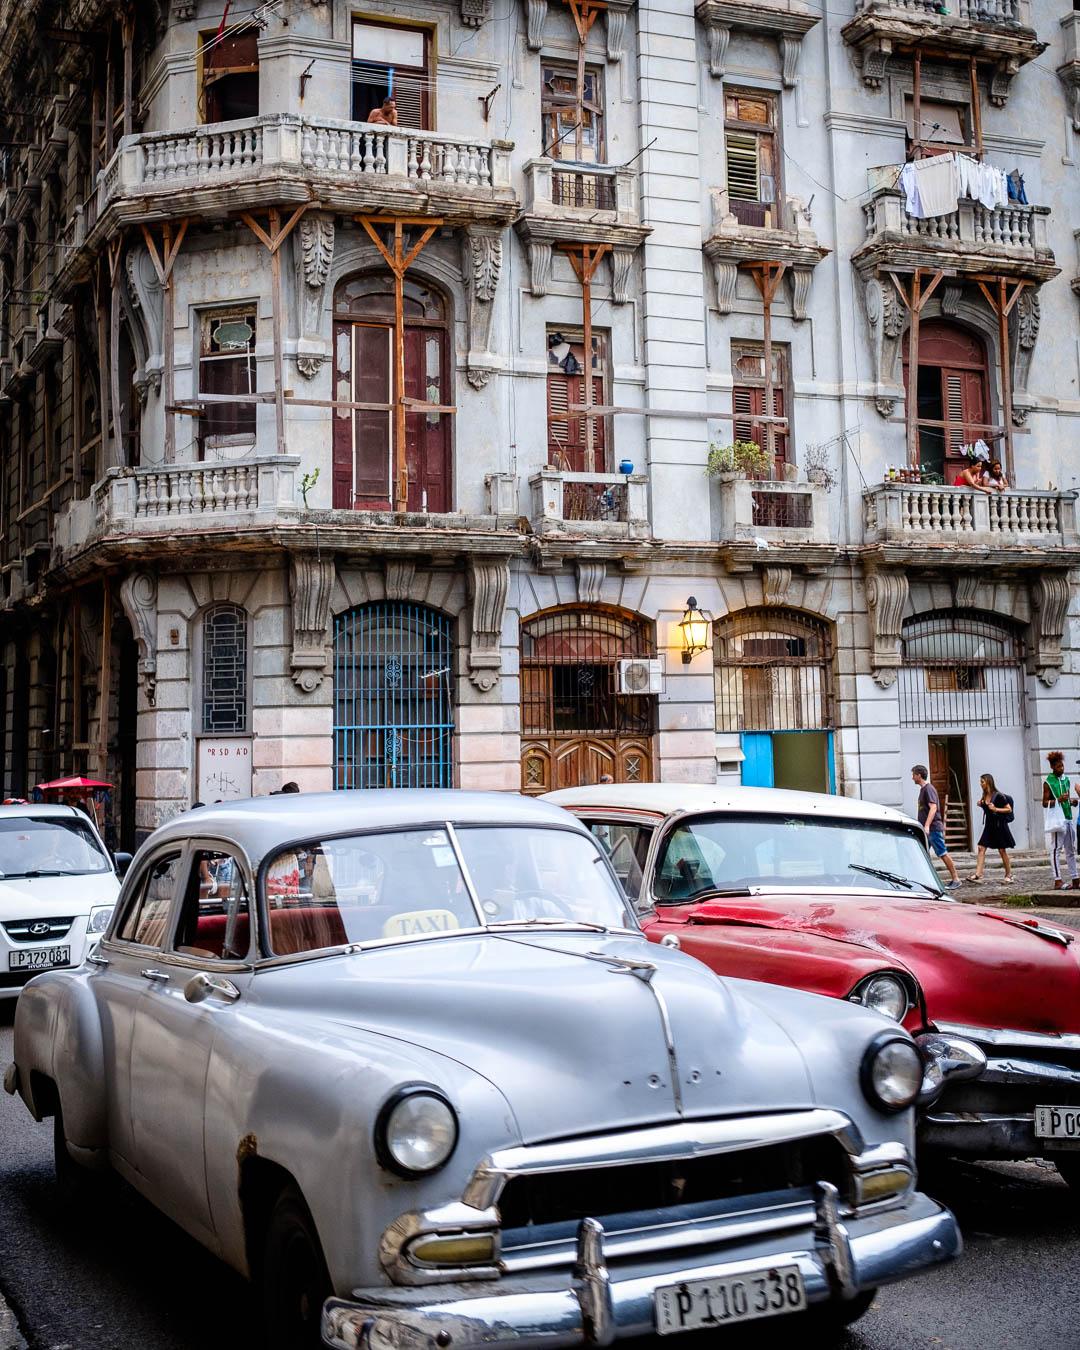 180426-Havana-216-1080.jpg